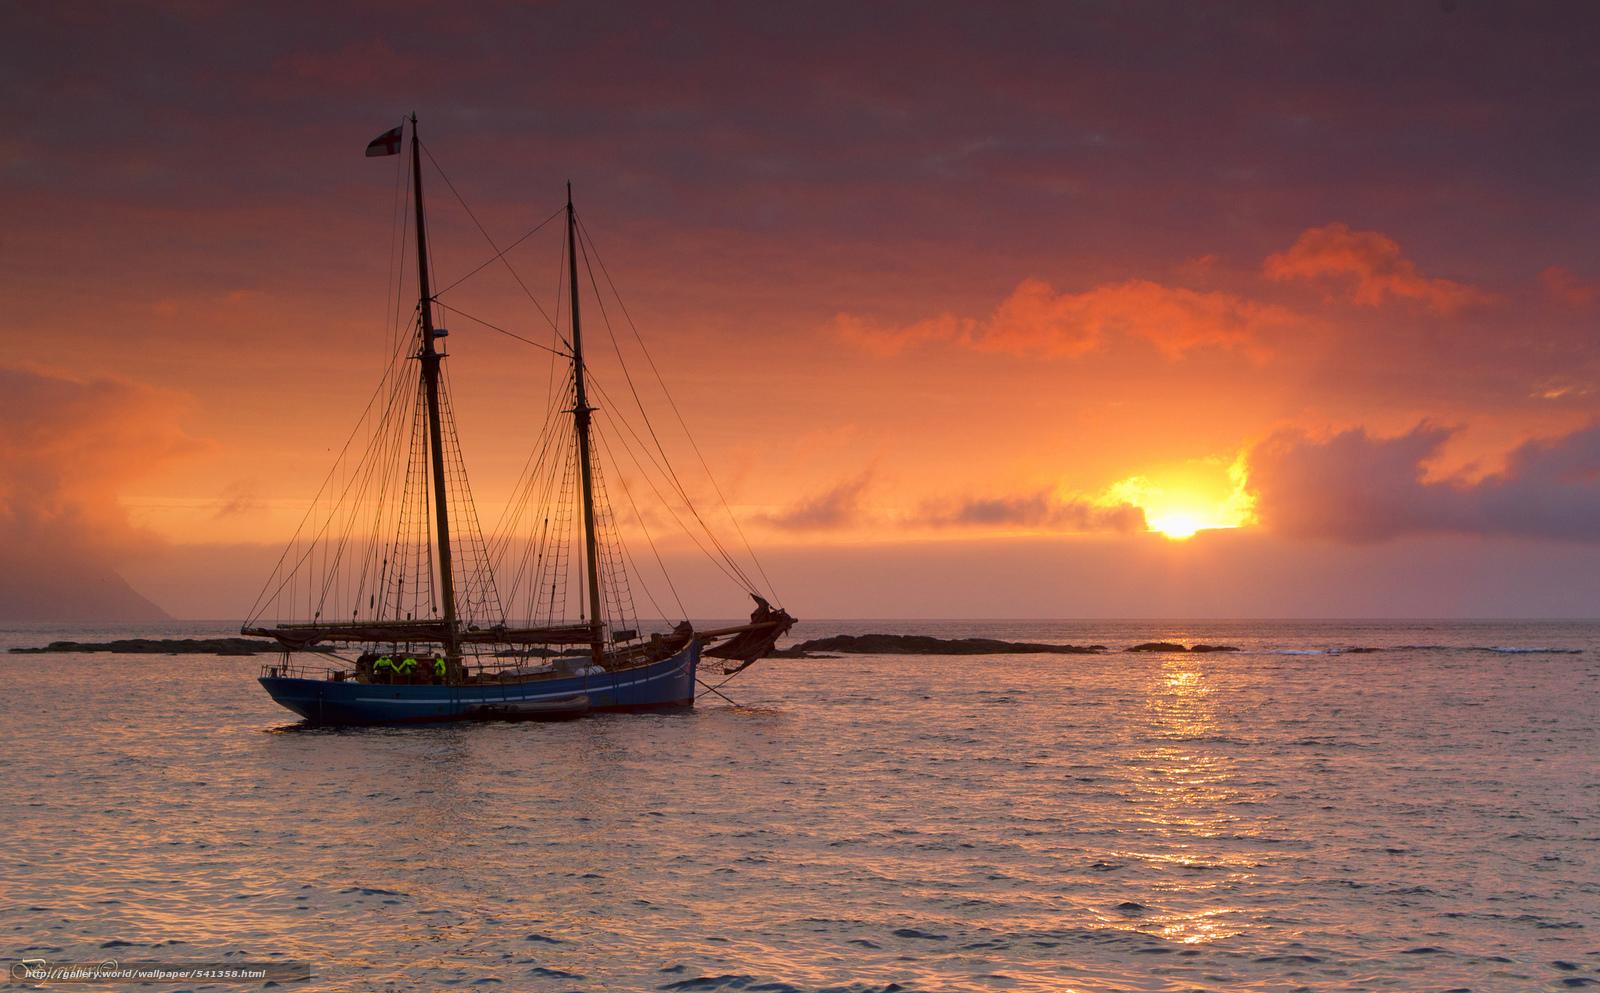 Скачать обои Рассветы и закаты,  Яхта,  Парусные,  Небо бесплатно для рабочего стола в разрешении 2048x1271 — картинка №541358